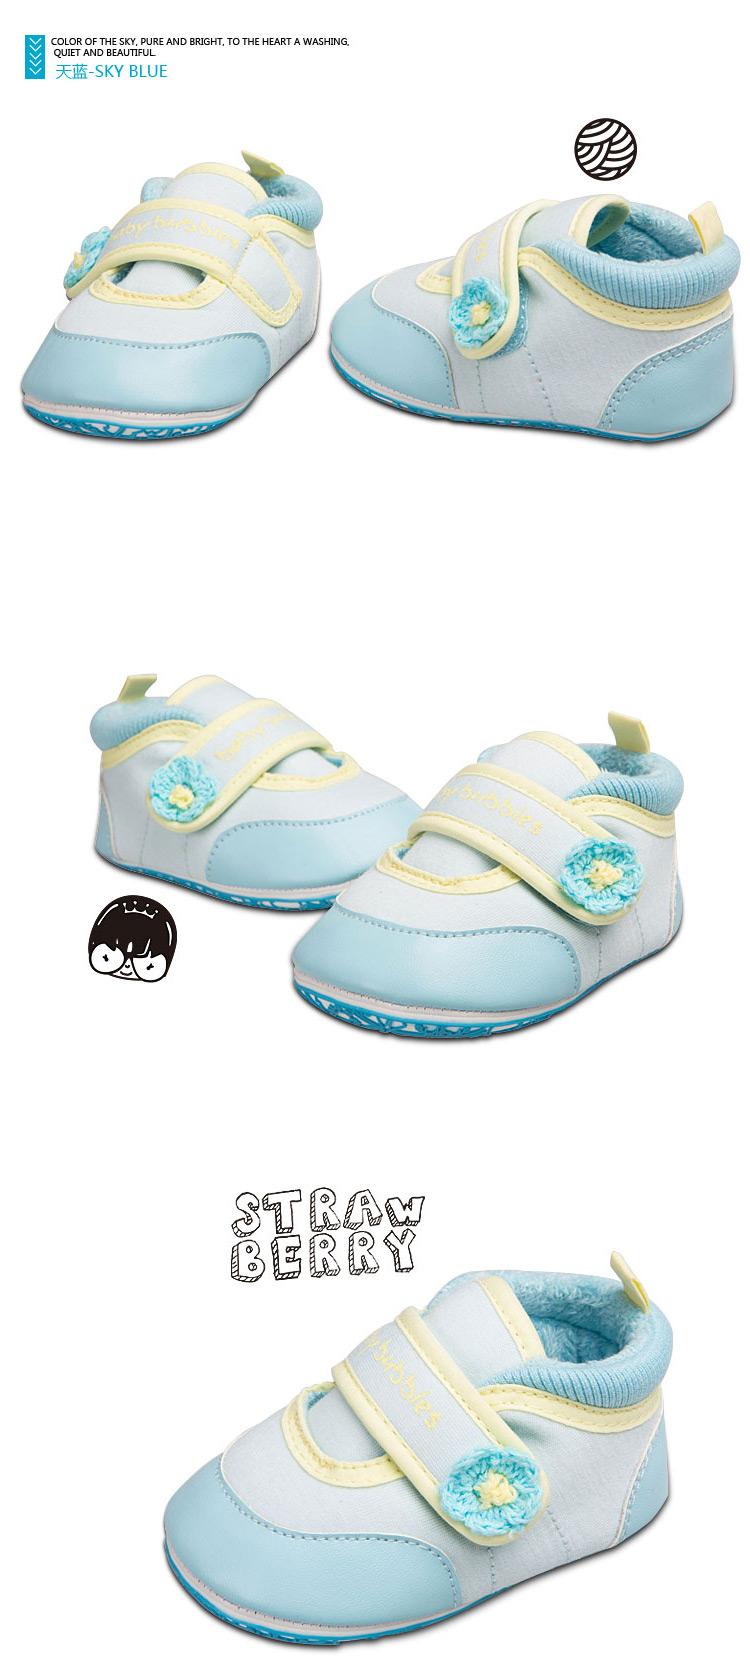 bata童鞋棉鞋男童宝宝鞋子女童针织布鞋学步鞋婴儿软